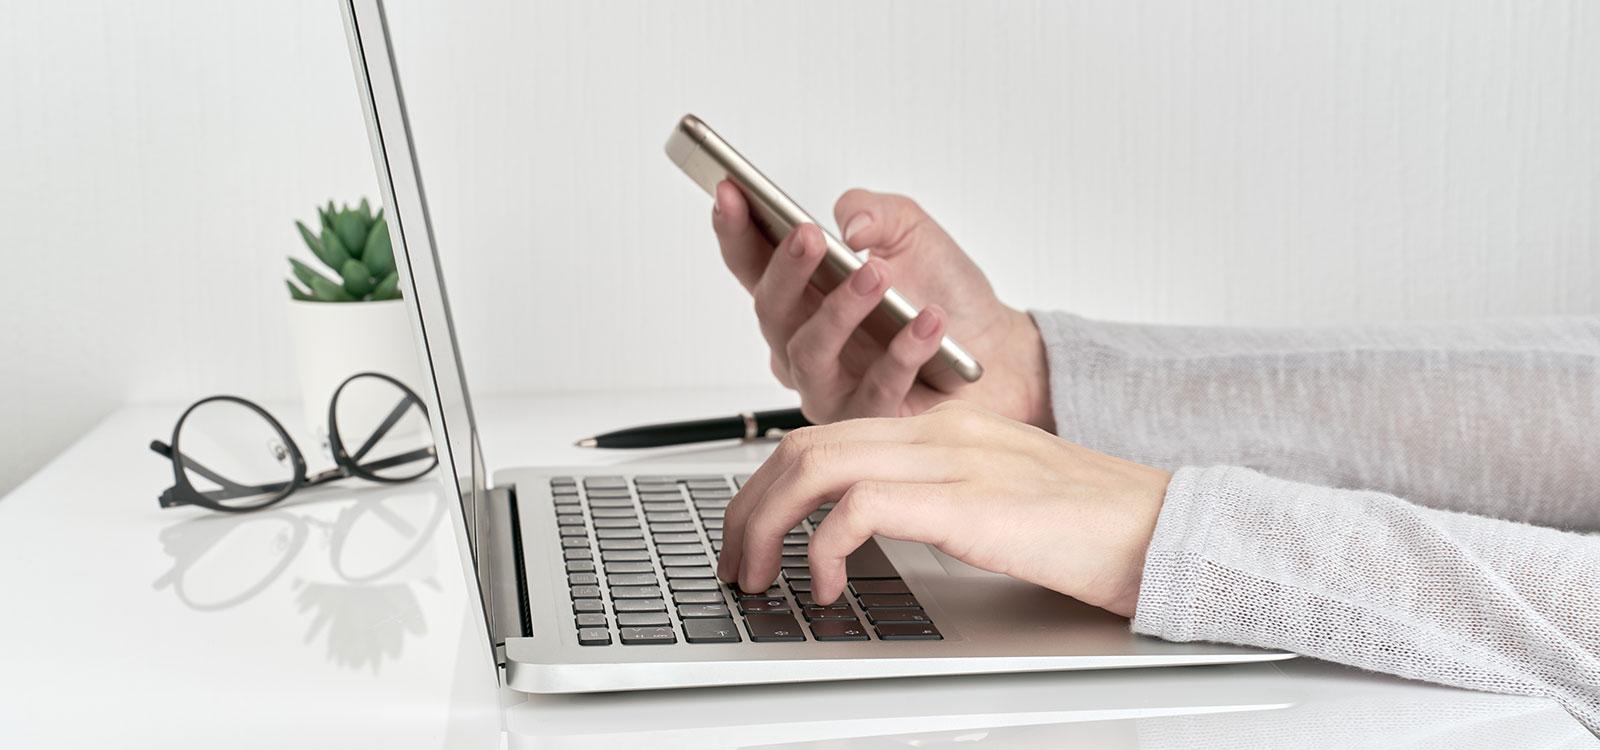 75/5000 Main féminine tapant sur un ordinateur portable tout en tenant un smartphone dans son autre main